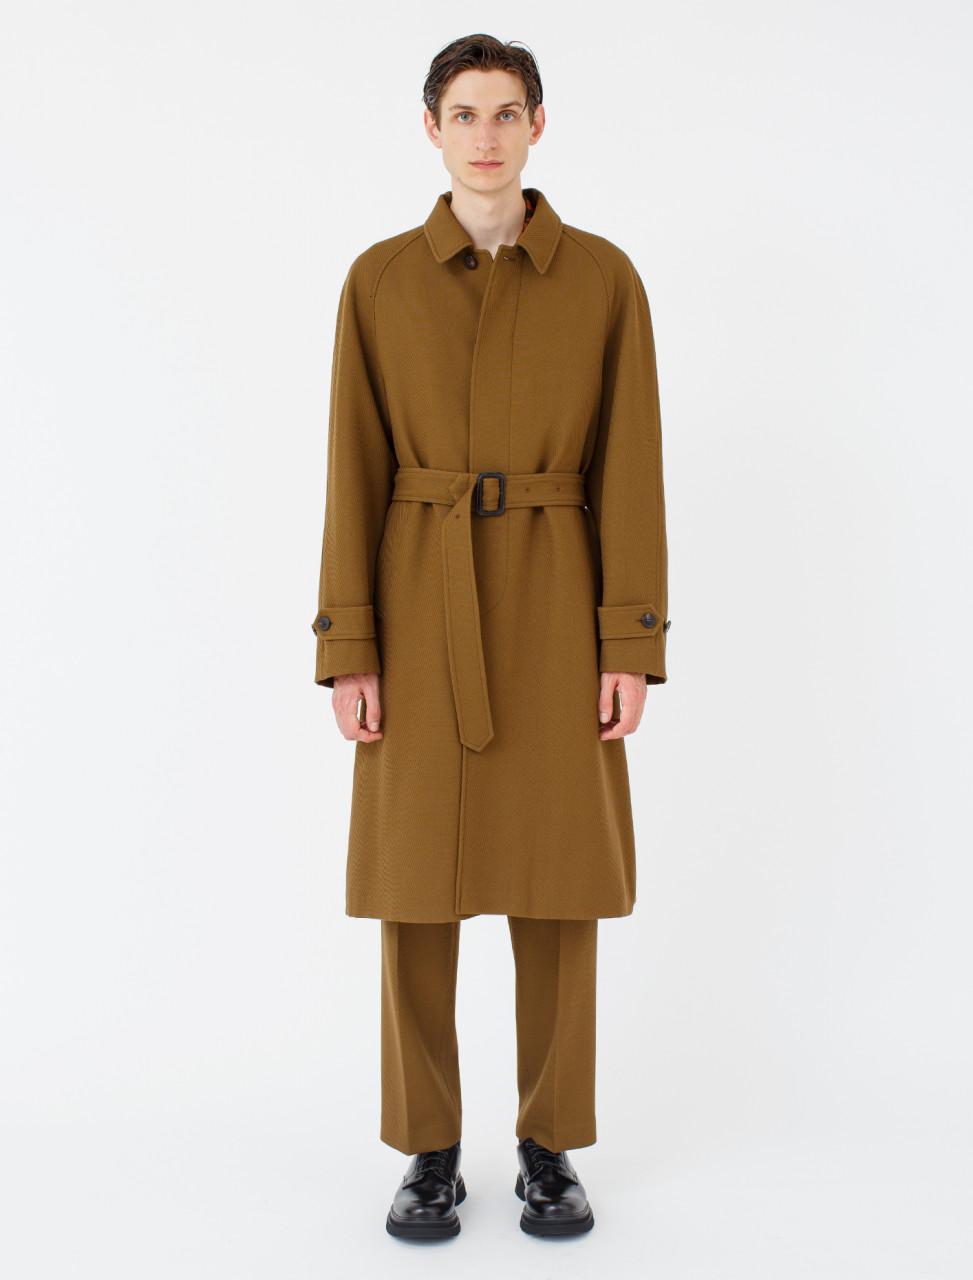 Rave Coat